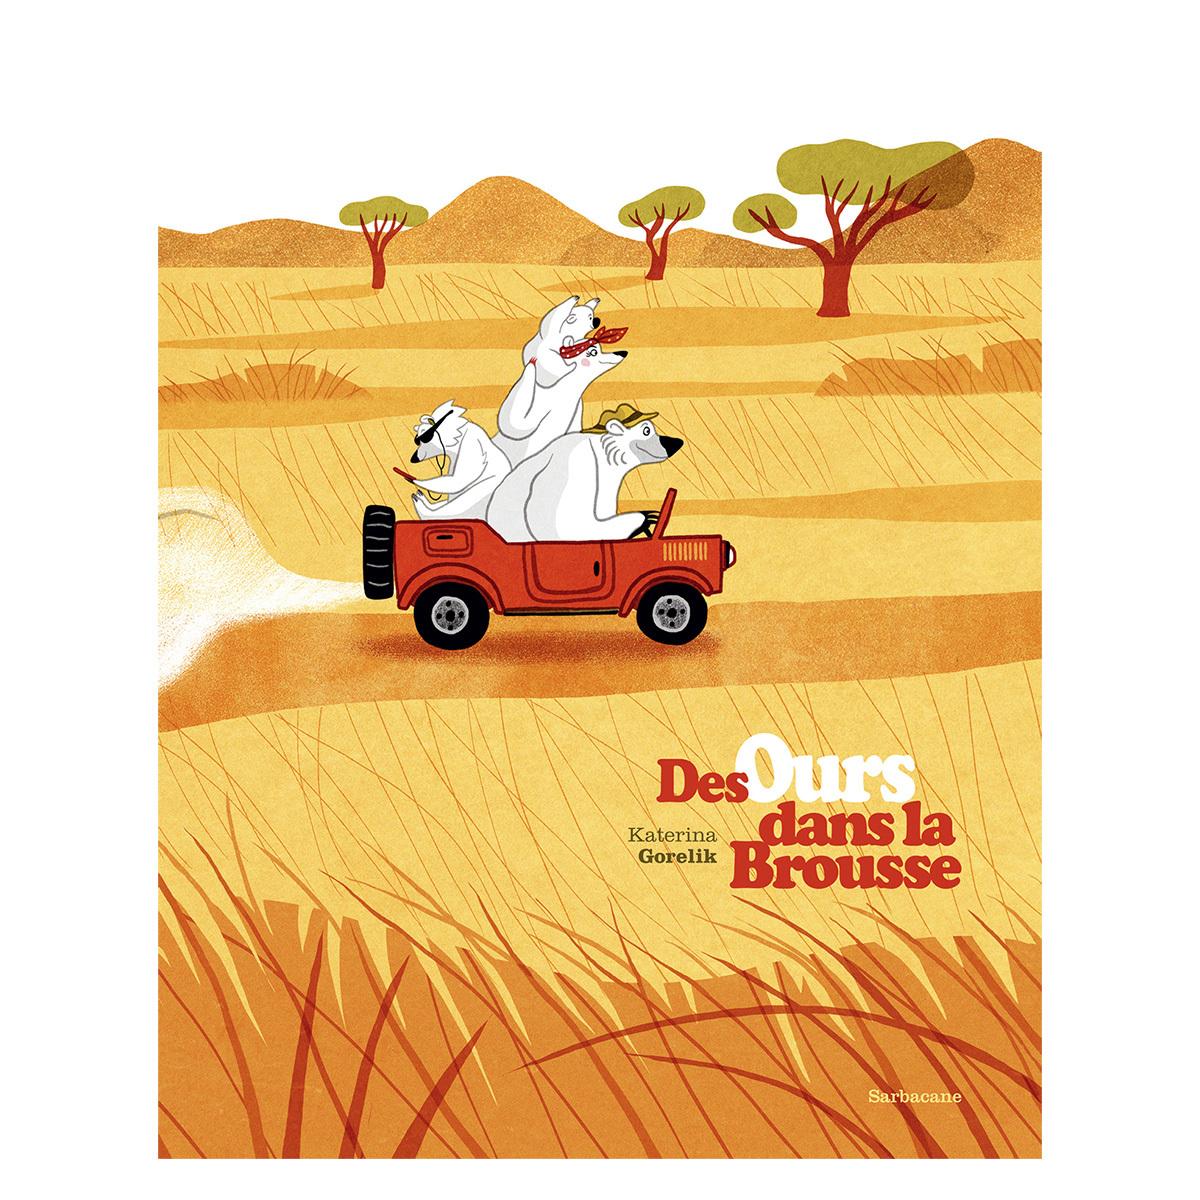 Livre & Carte Des Ours Dans la Brousse Des Ours Dans la Brousse